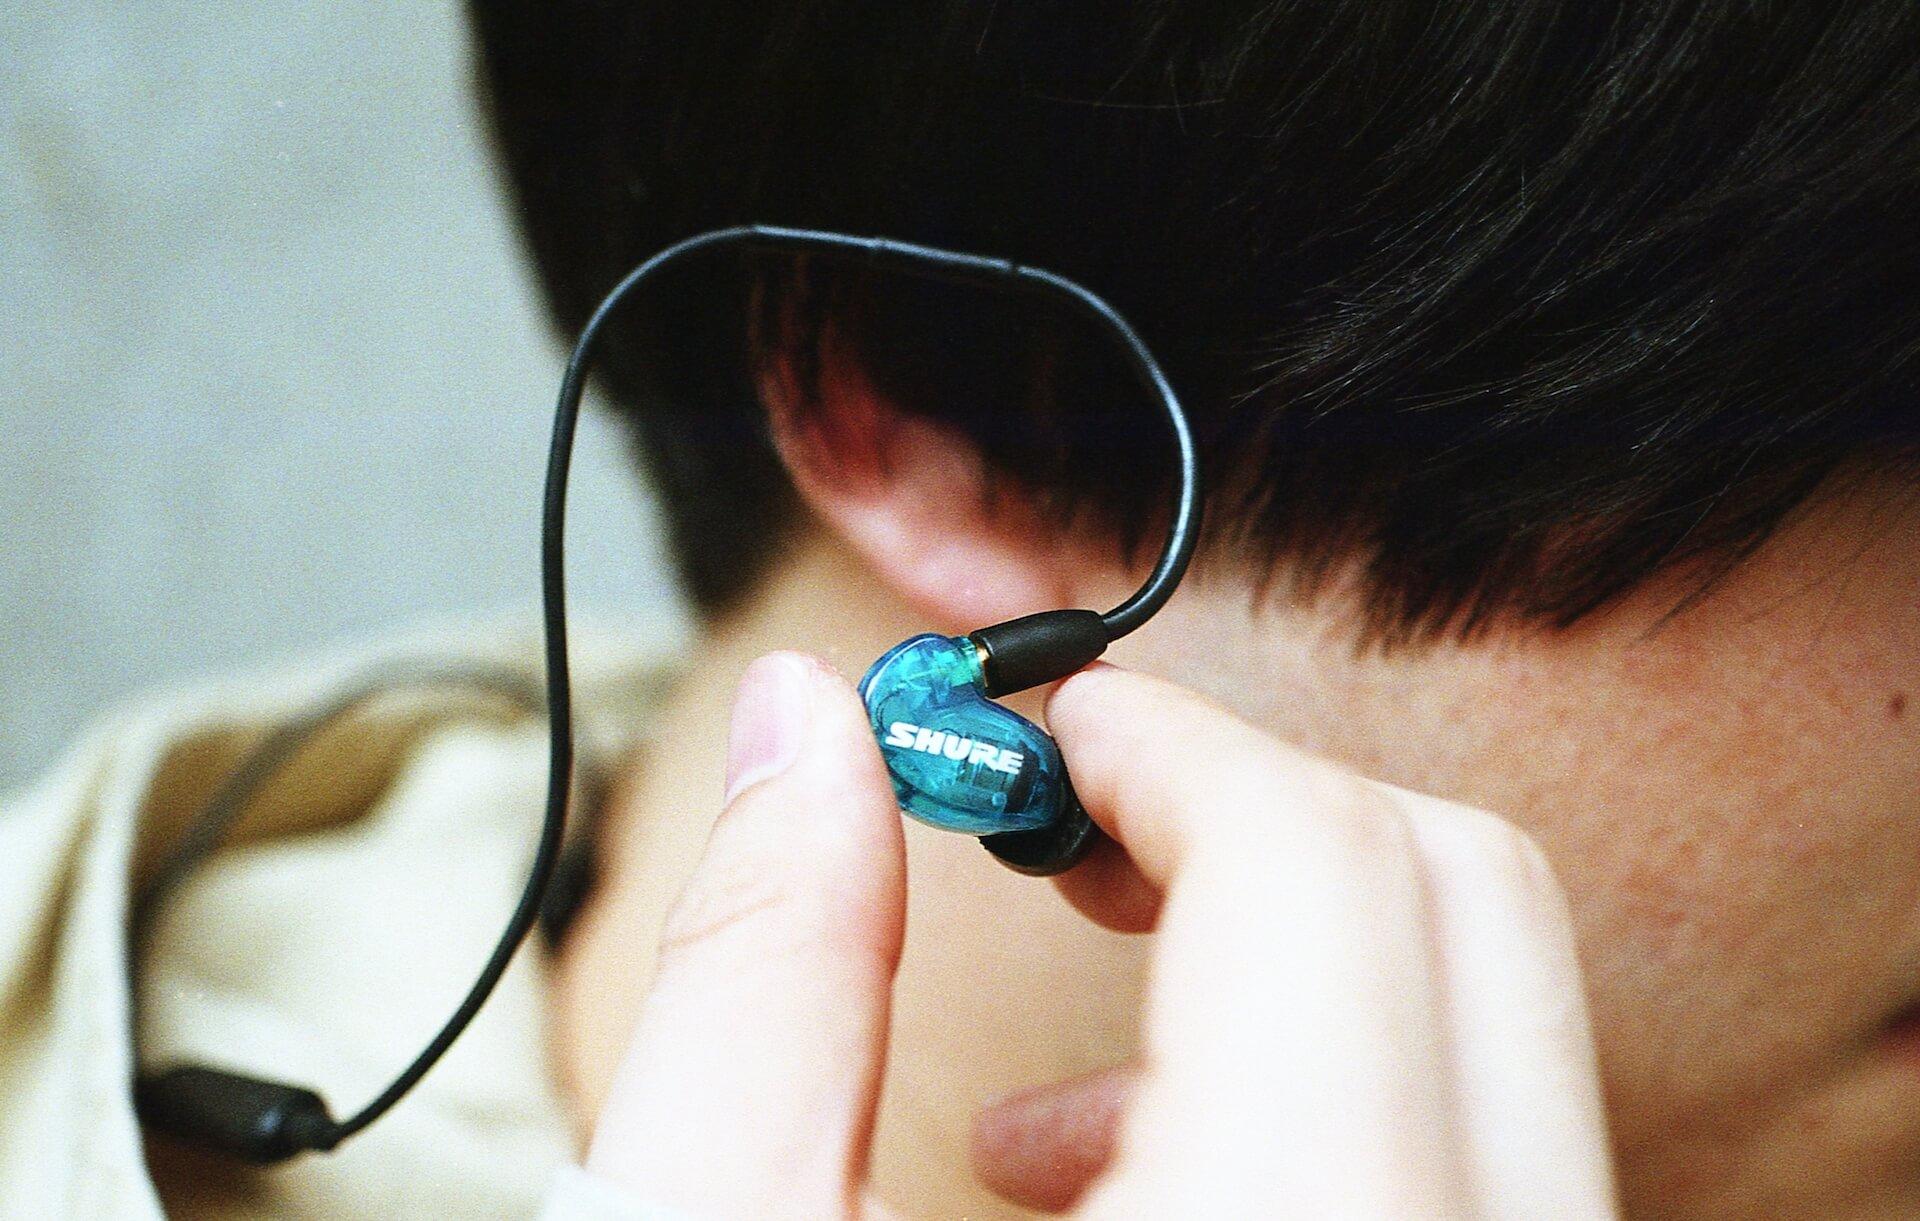 SHURE 座談会|TAAR×AAAMYYYがイヤホンを通して語る「聴く」ことへのこだわり interview190302-14